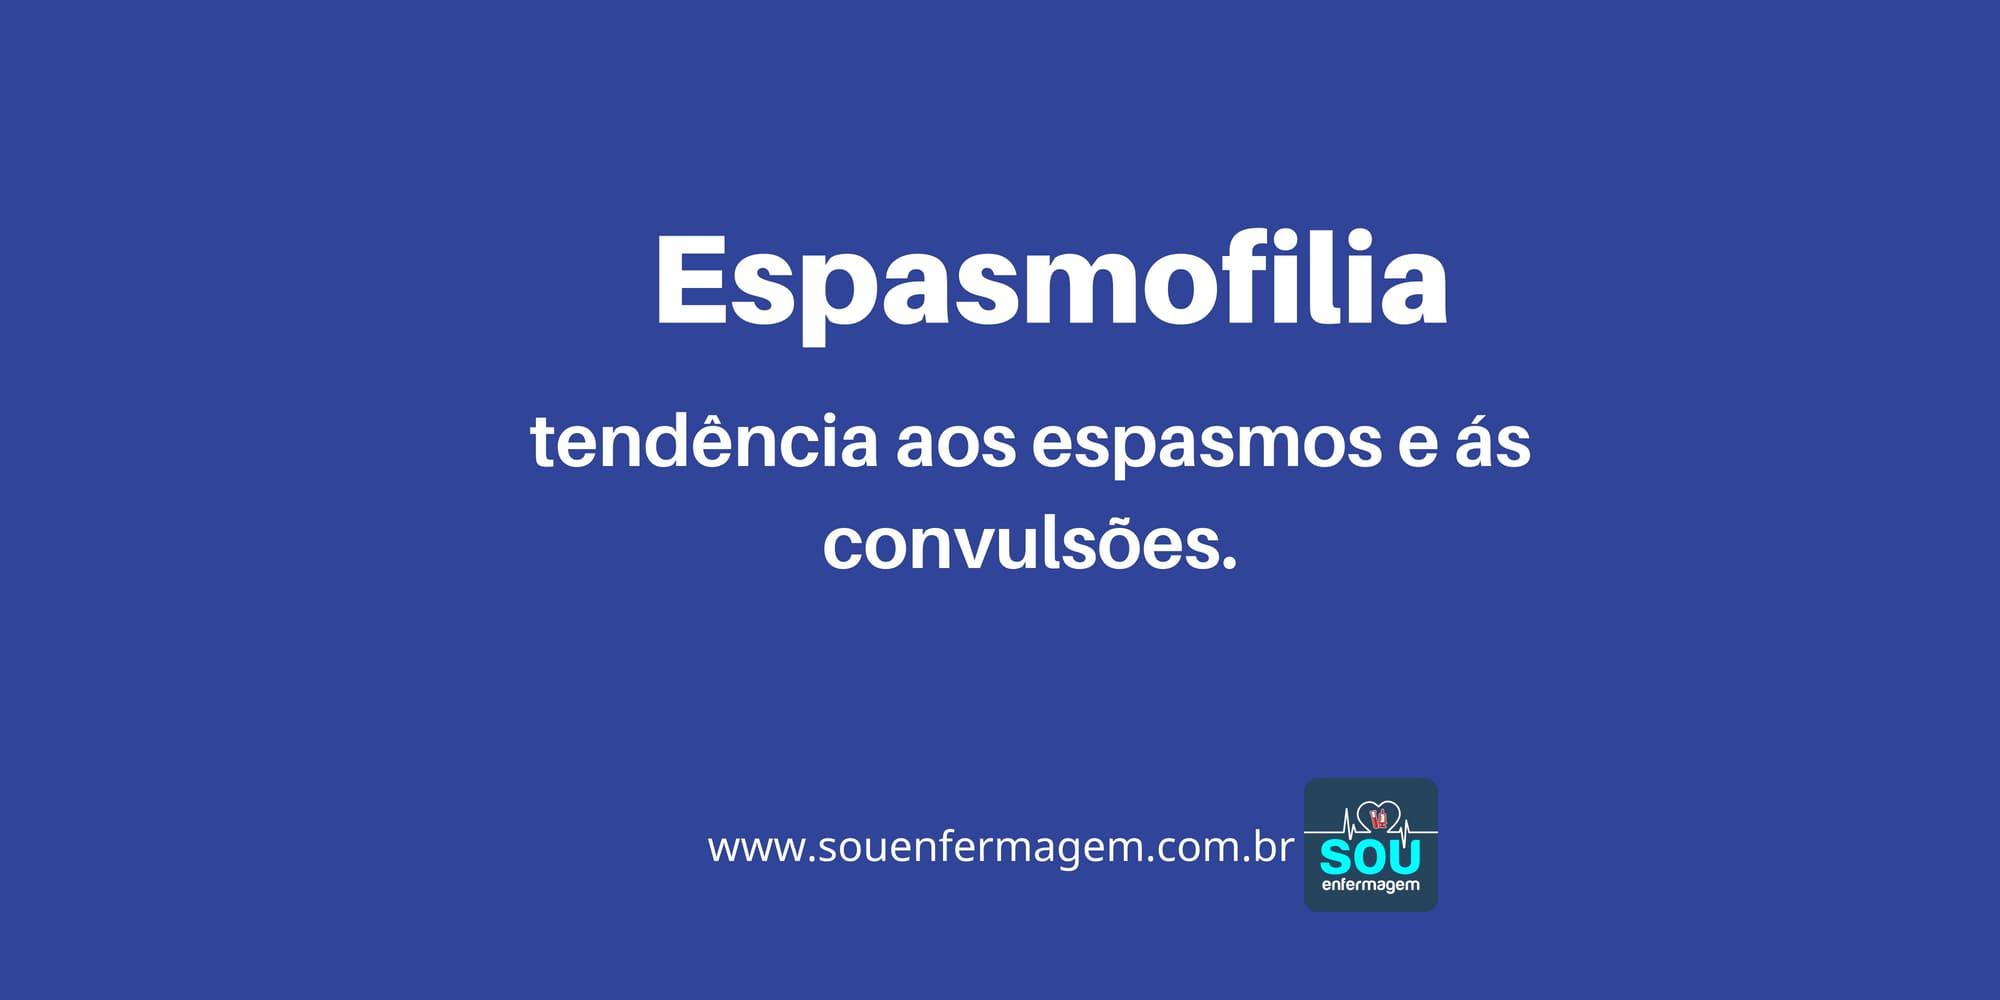 Espasmofilia